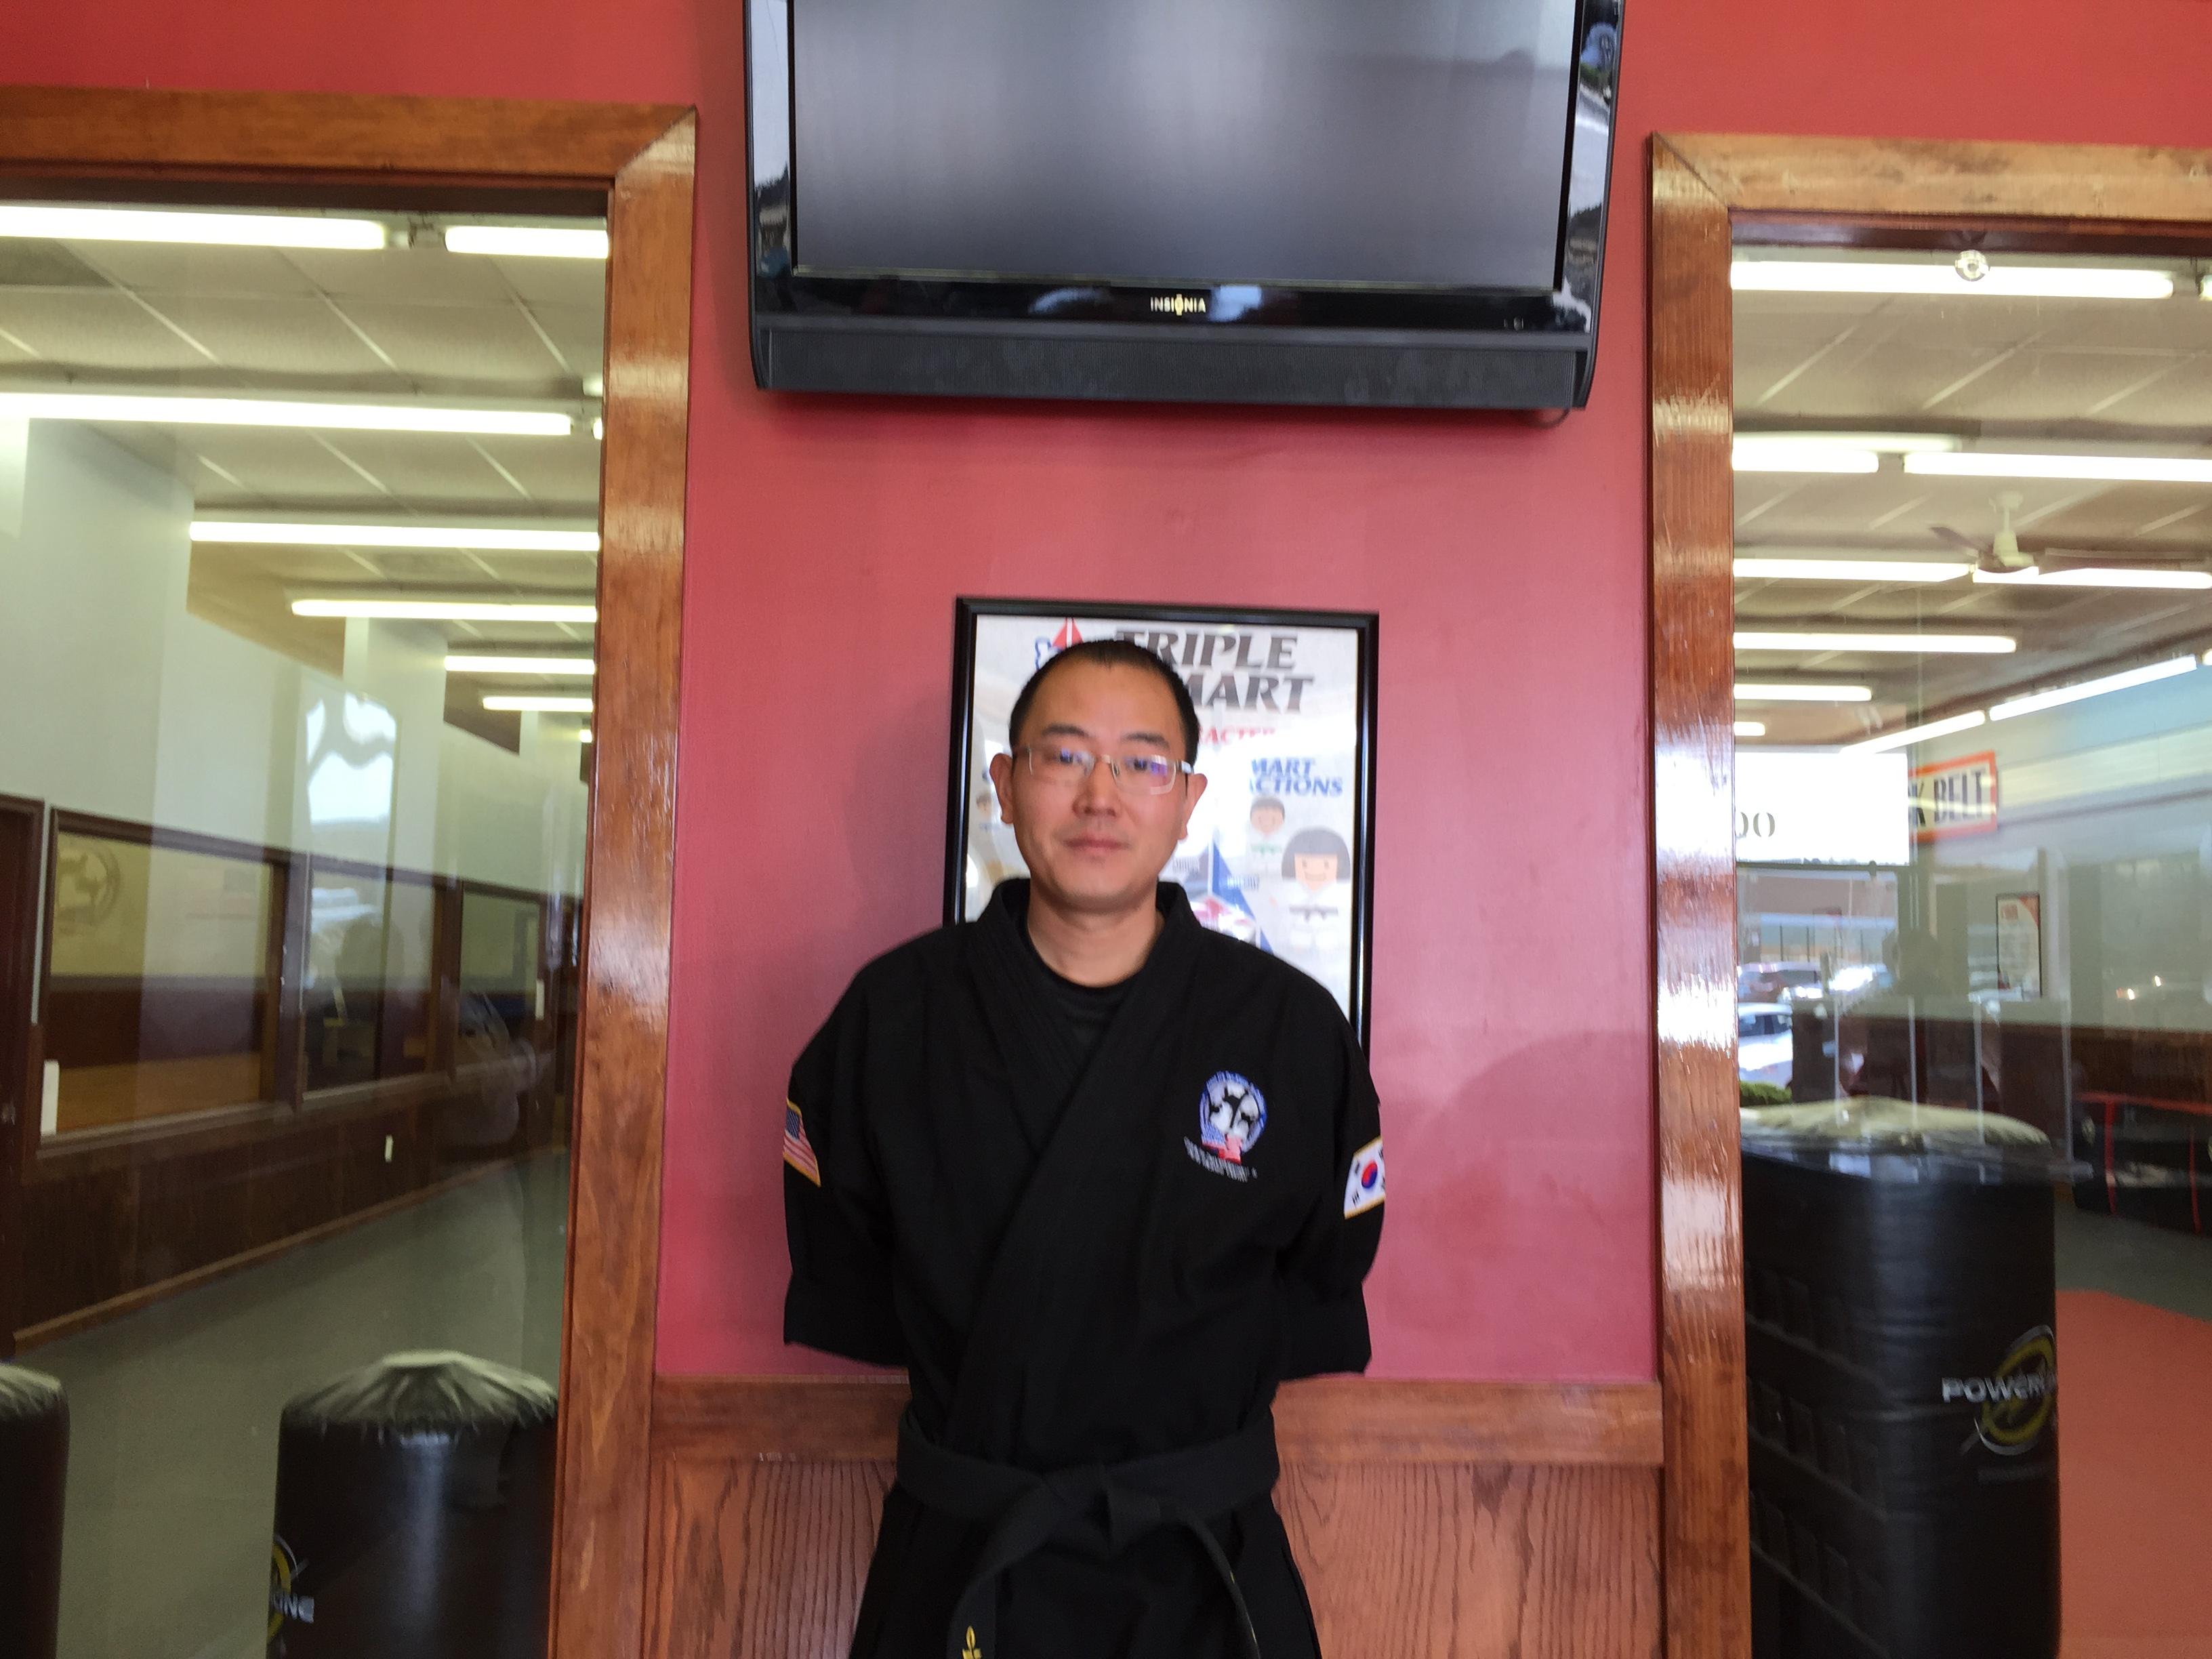 Master John Yoon